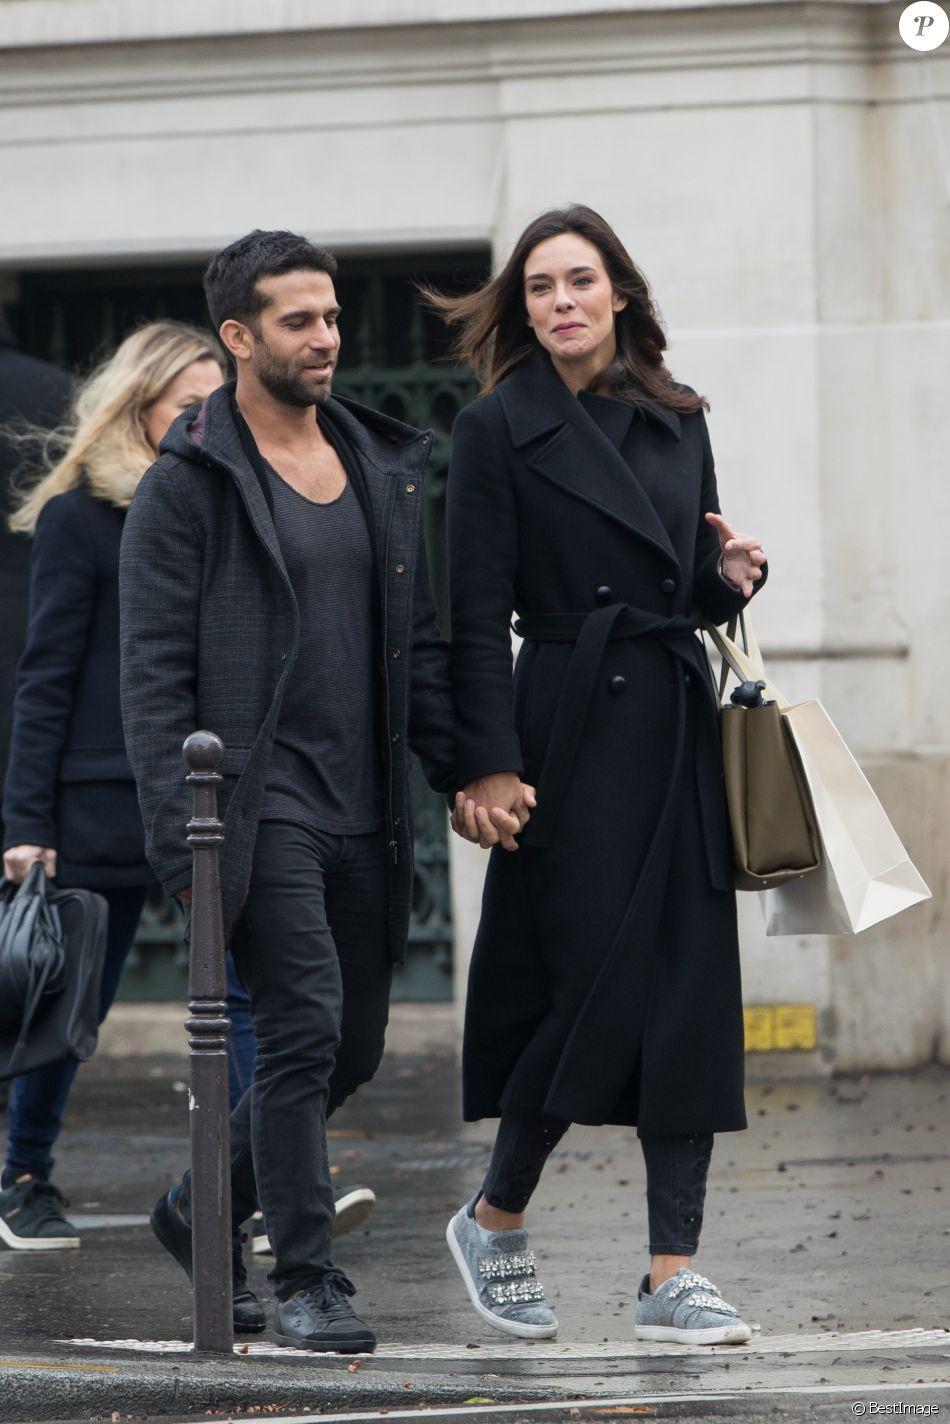 Exclusif - Marine Lorphelin, Miss France 2013, et son compagnon Christophe Malmezac se promènent dans les rues de Paris.